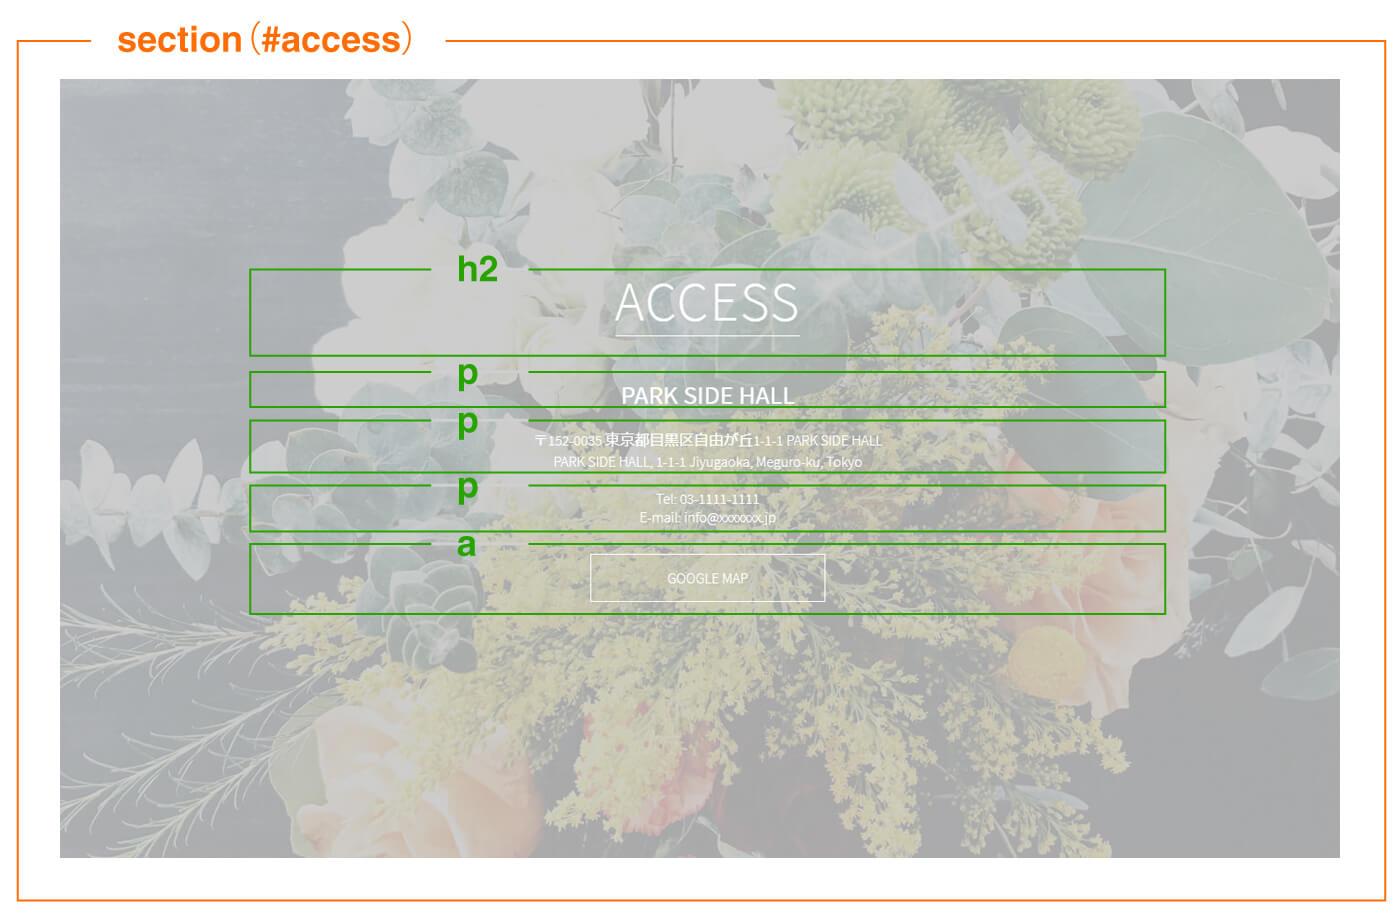 accessエリアのレイアウト構成